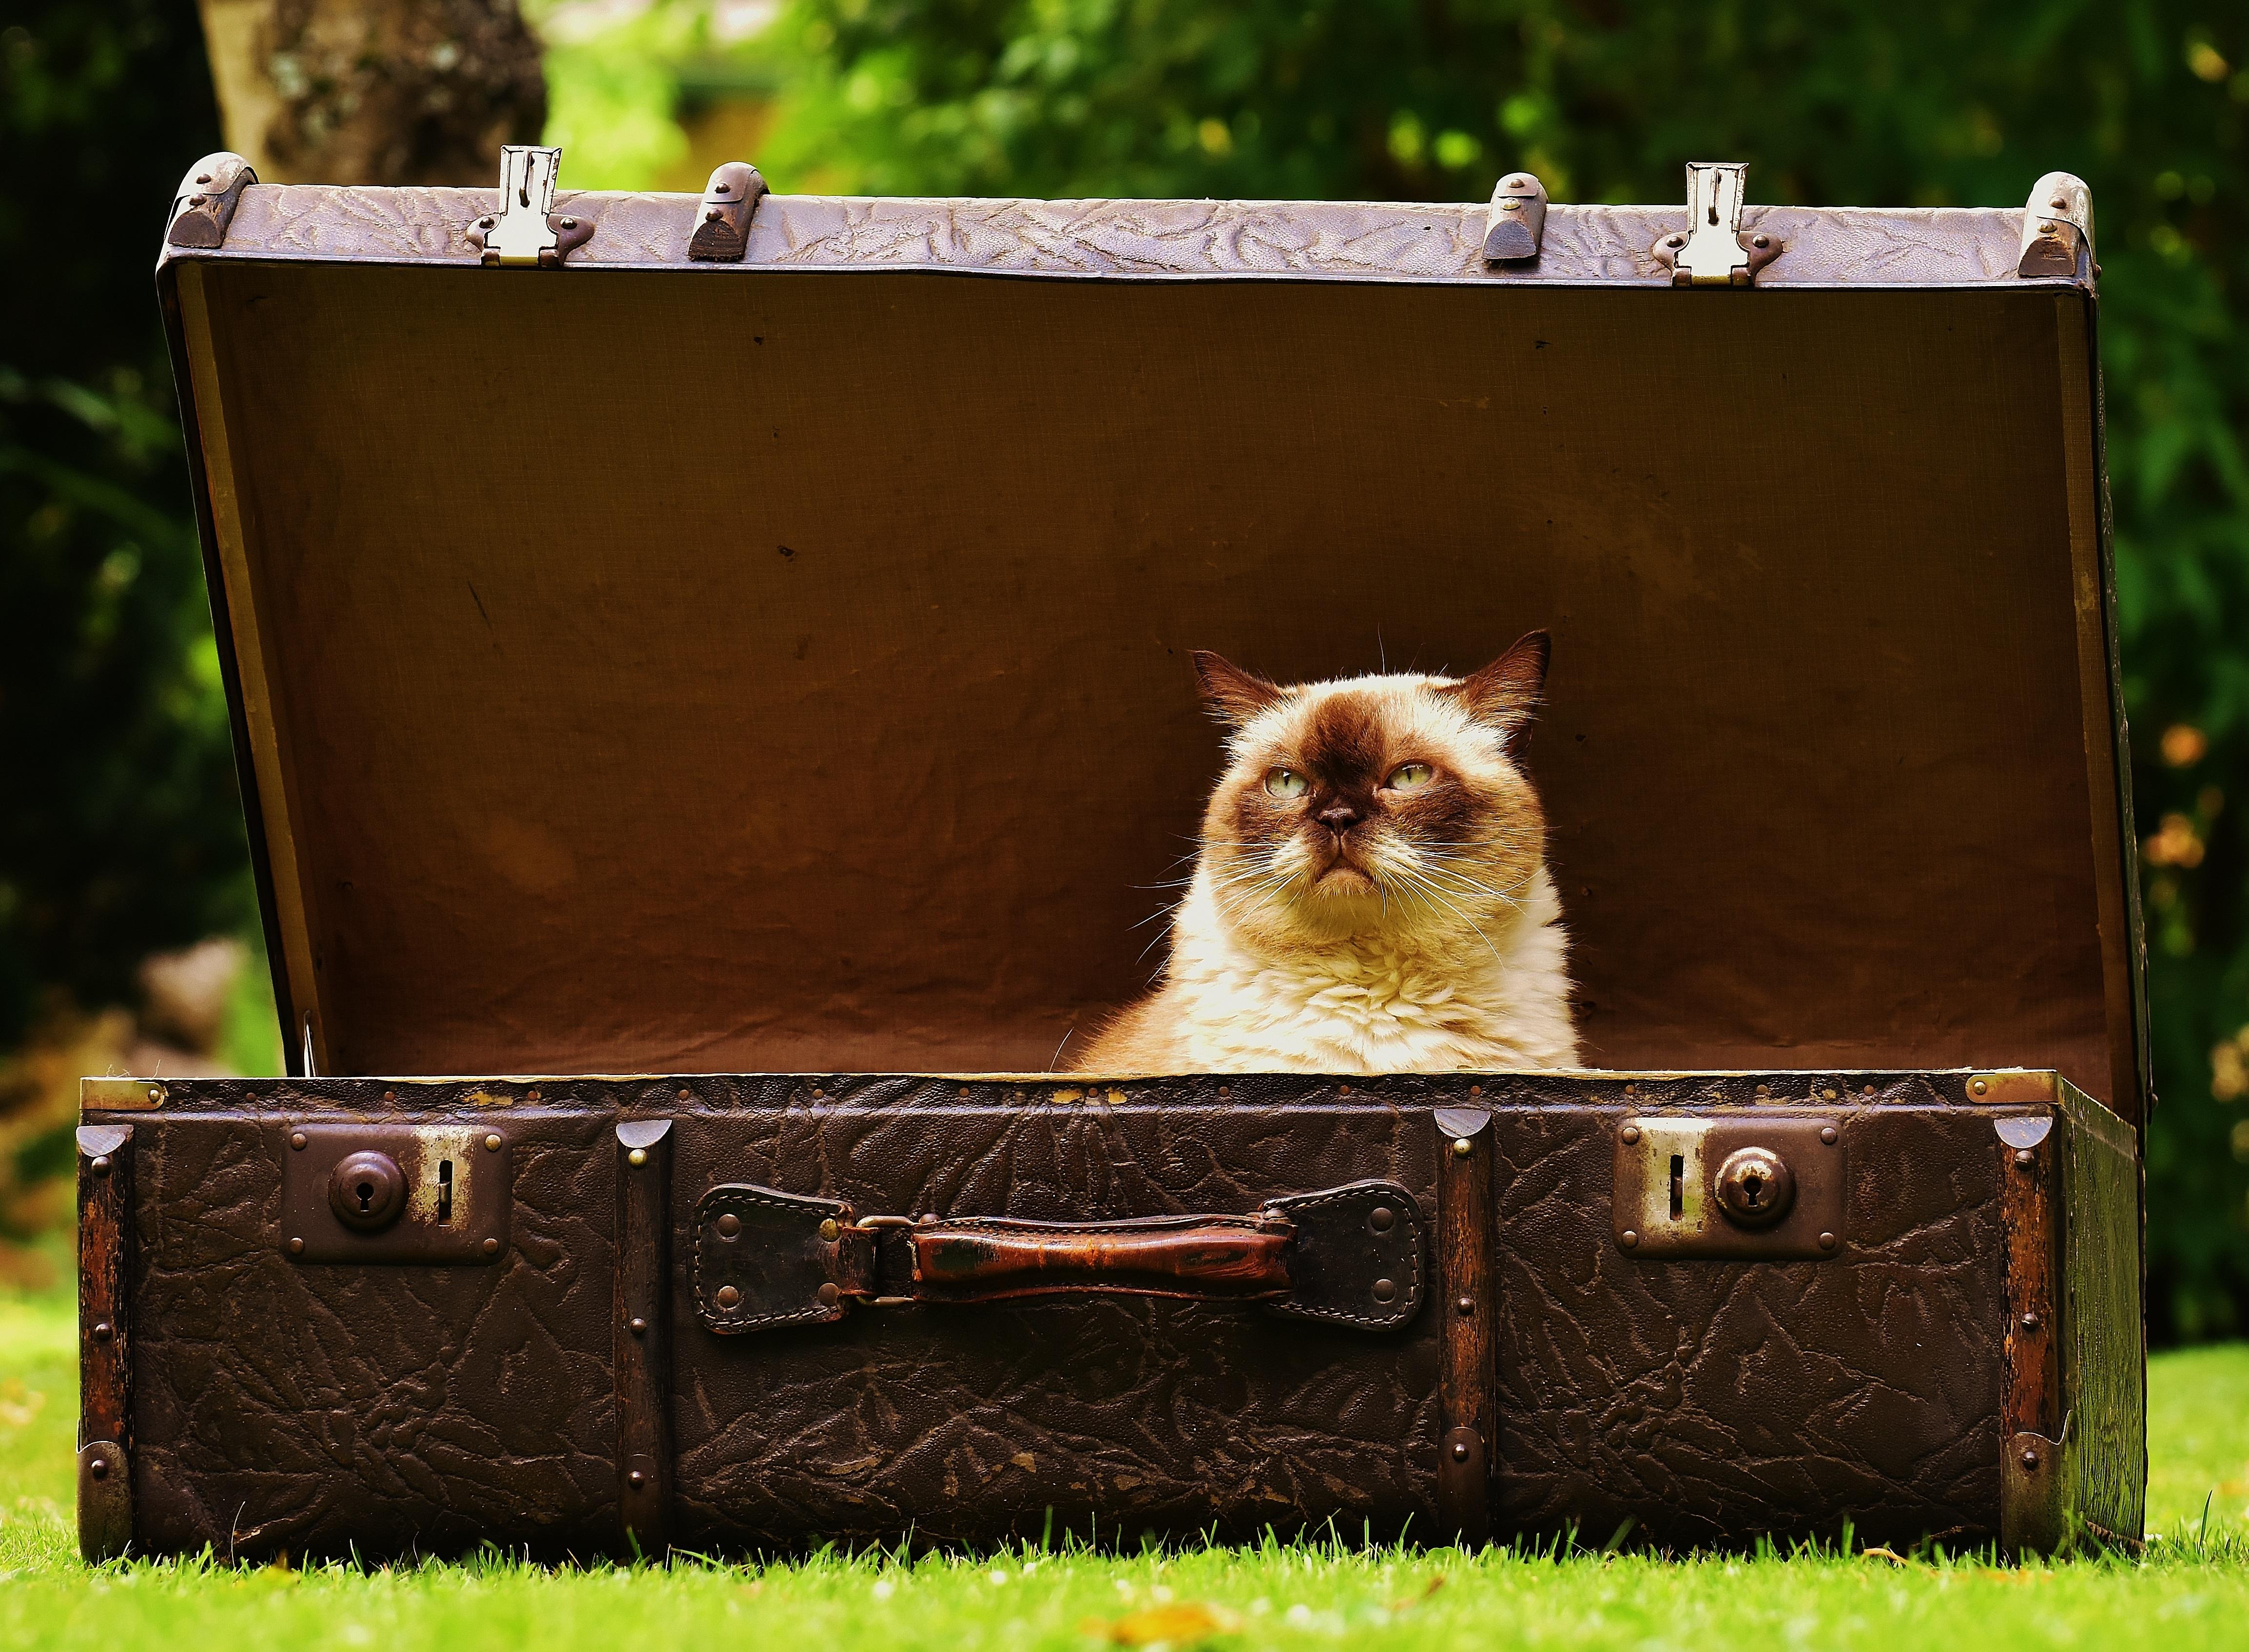 มารู้จักแมวพันธุ์ไทยแท้ 23 ชนิด ที่ปัจจุบันเหลือแมวมงคลเพียง 4 ชนิด! เองนะคะ